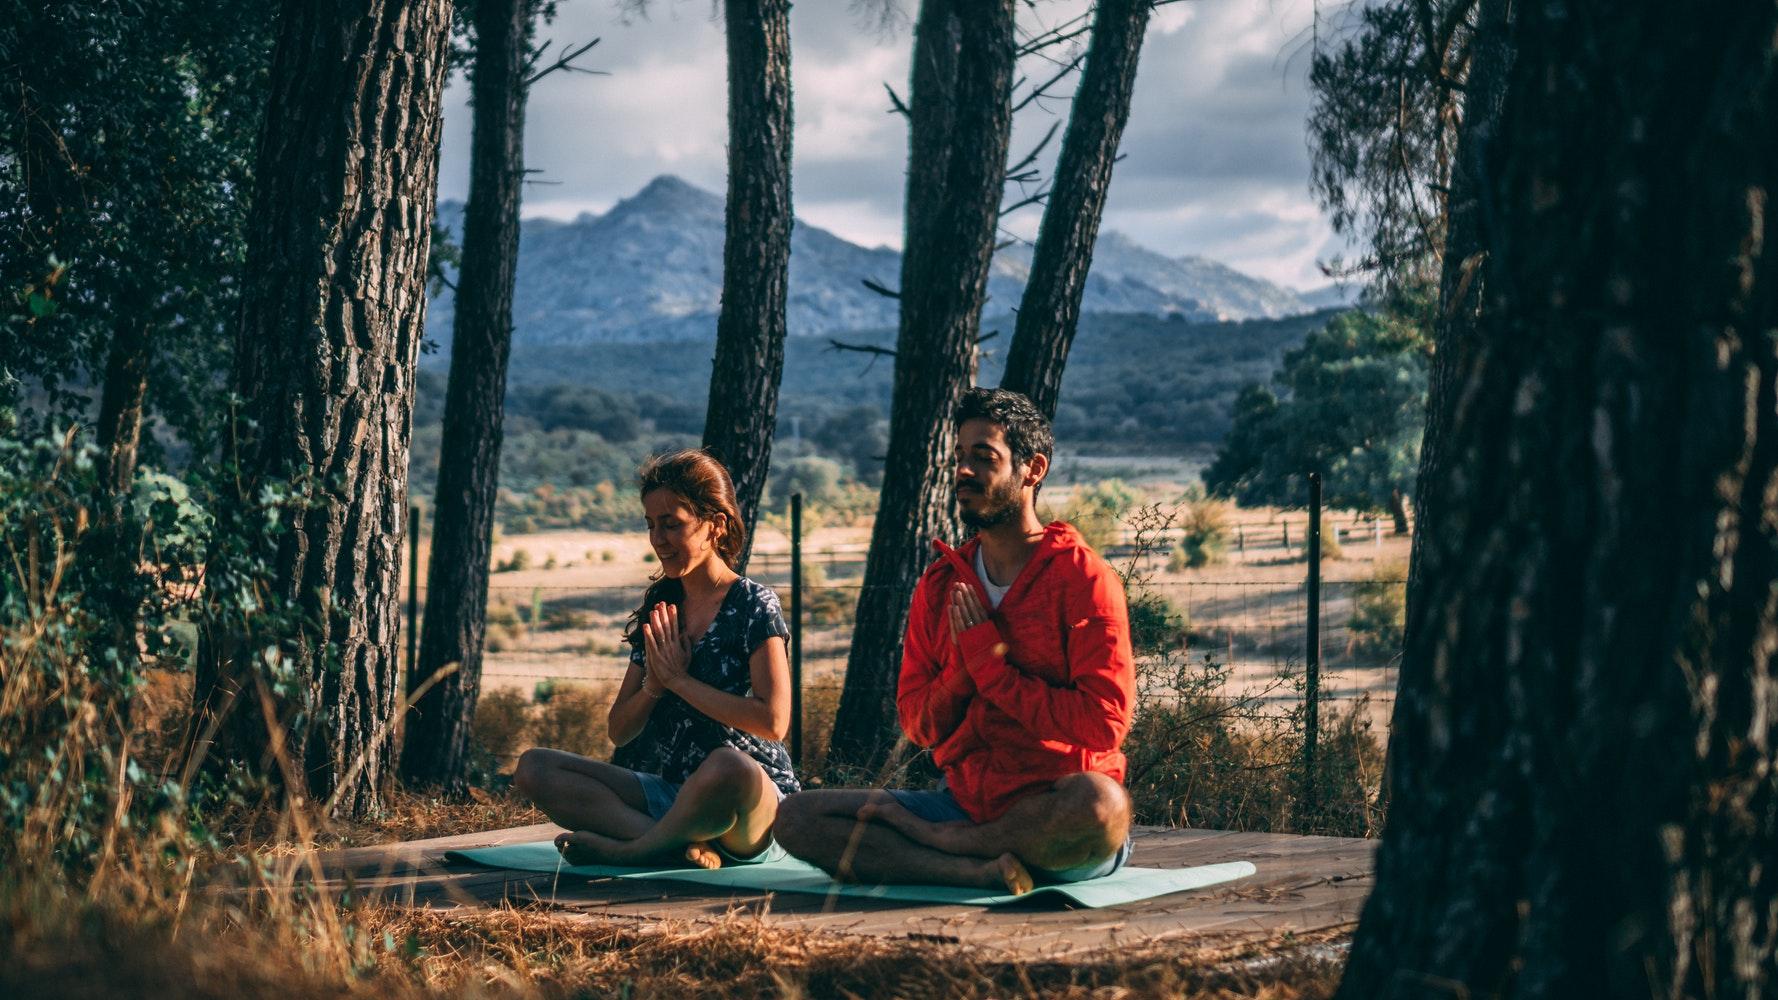 Zwei Menschen bei einer Yoga-Übung im Wald mit einem Berg im Hintergrund